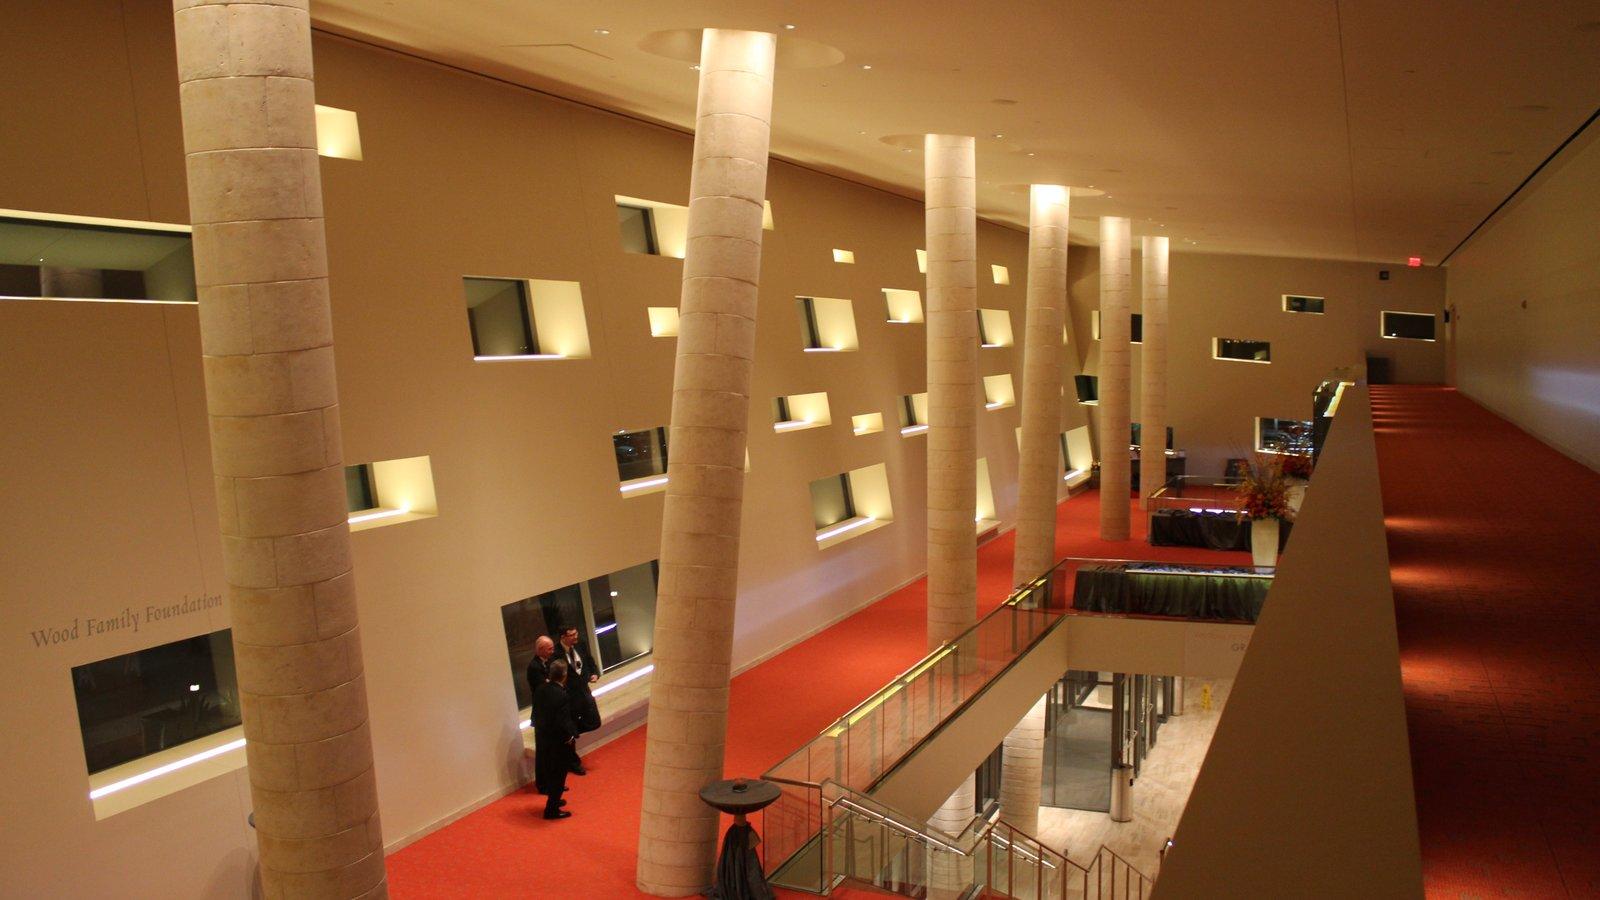 Midland mostrando vistas internas, cenas de teatro e arquitetura moderna